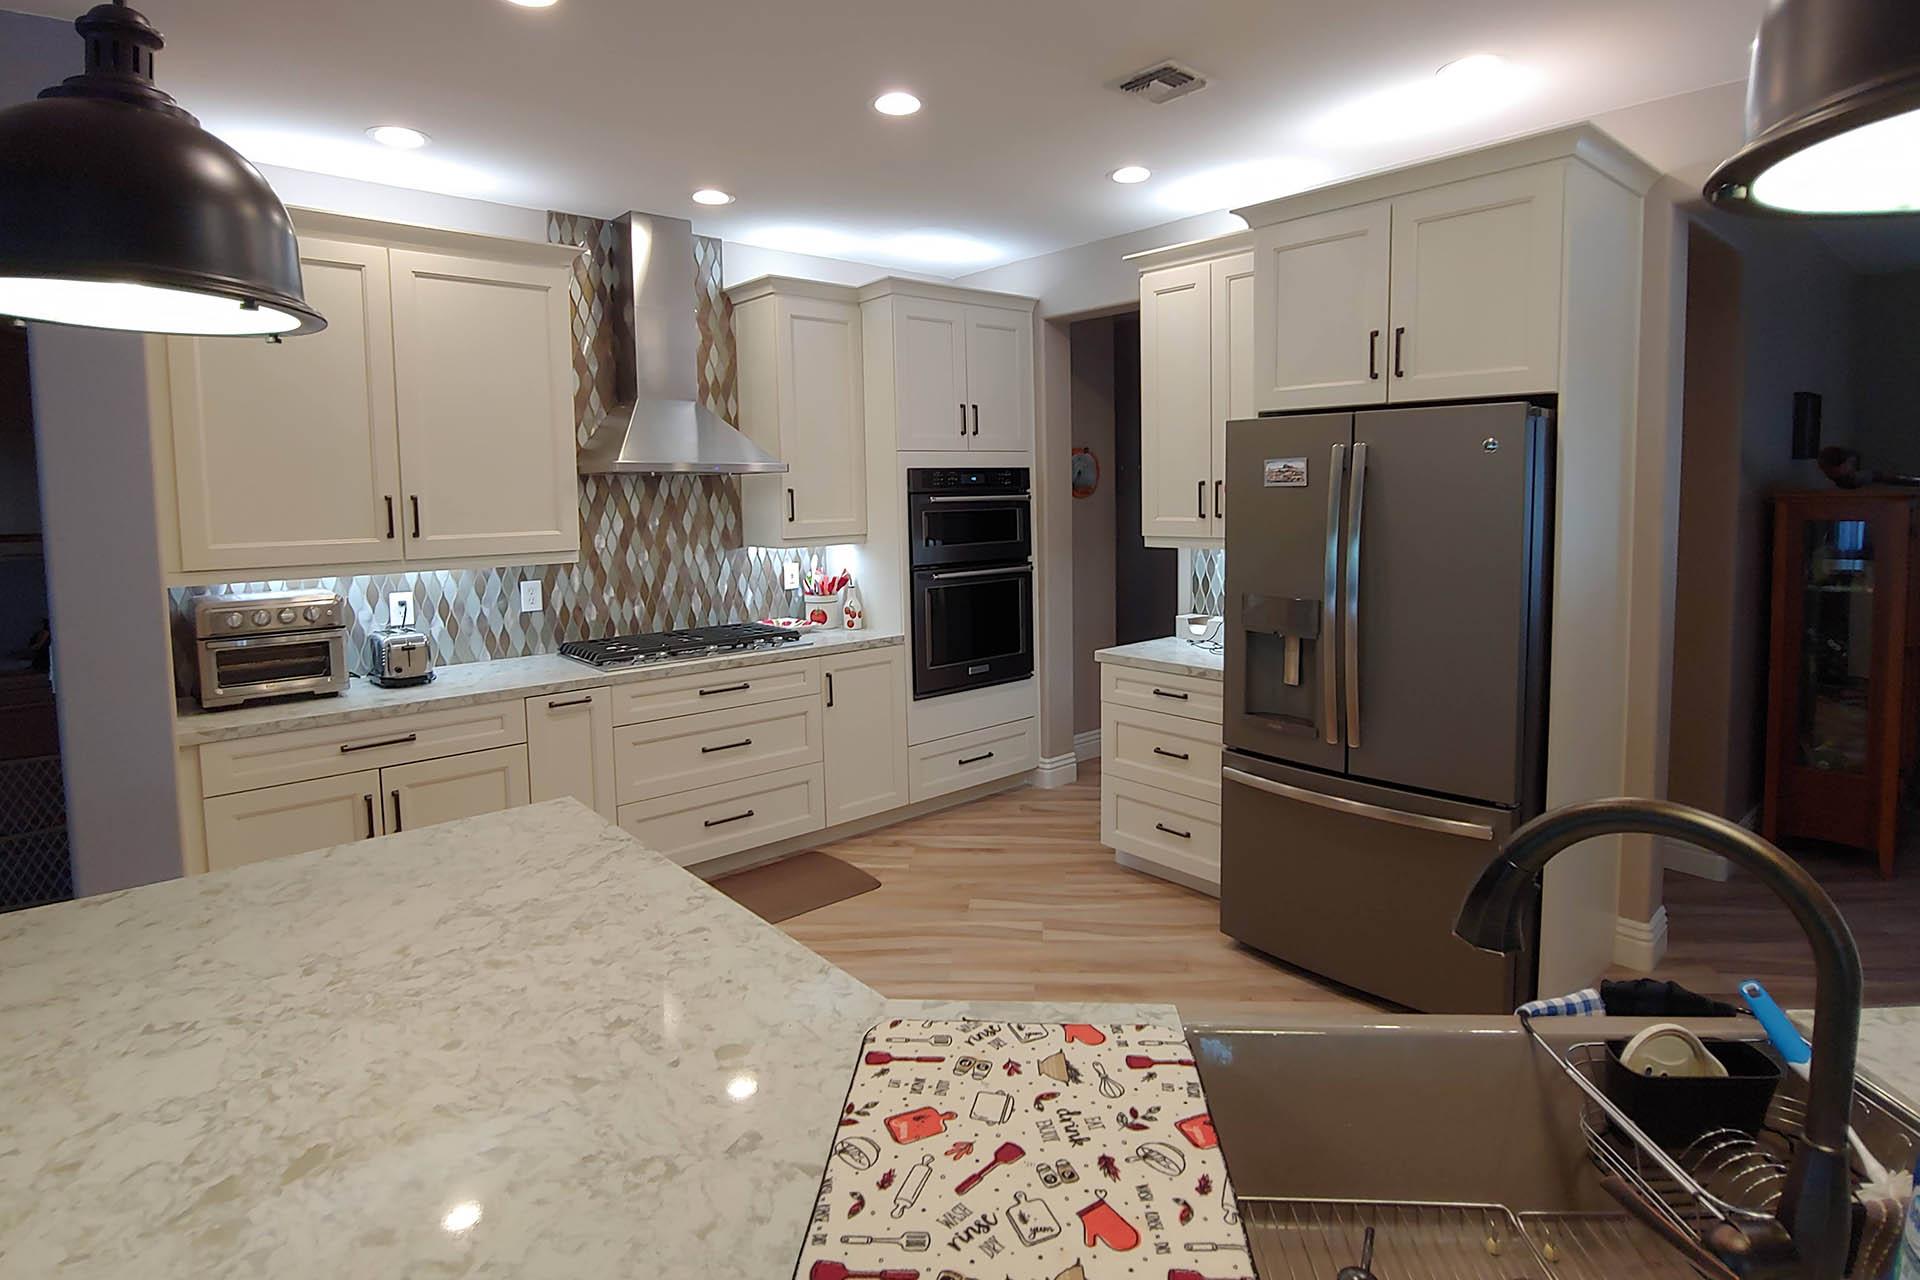 View Kitchen Renovation